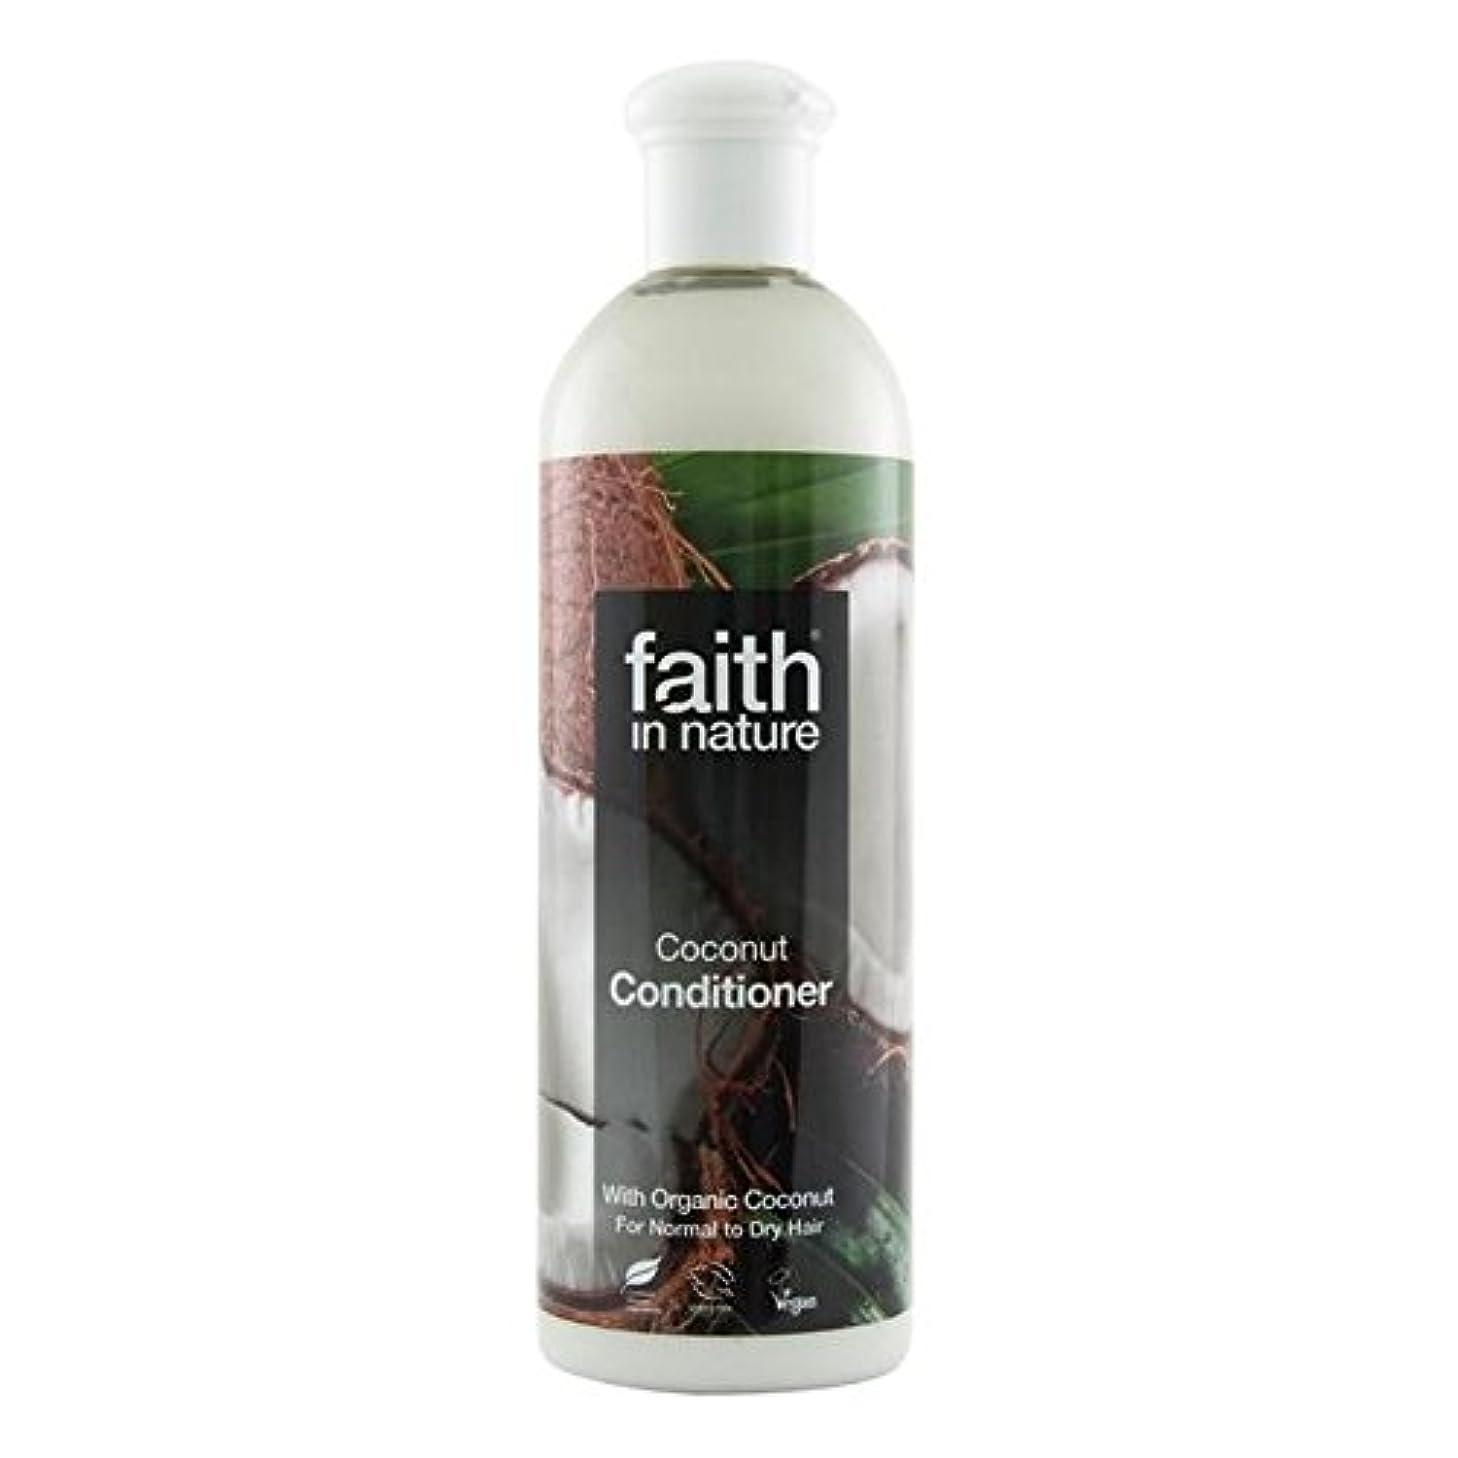 価値のないティッシュなぜならFaith in Nature Coconut Conditioner 400ml - (Faith In Nature) 自然ココナッツコンディショナー400ミリリットルの信仰 [並行輸入品]